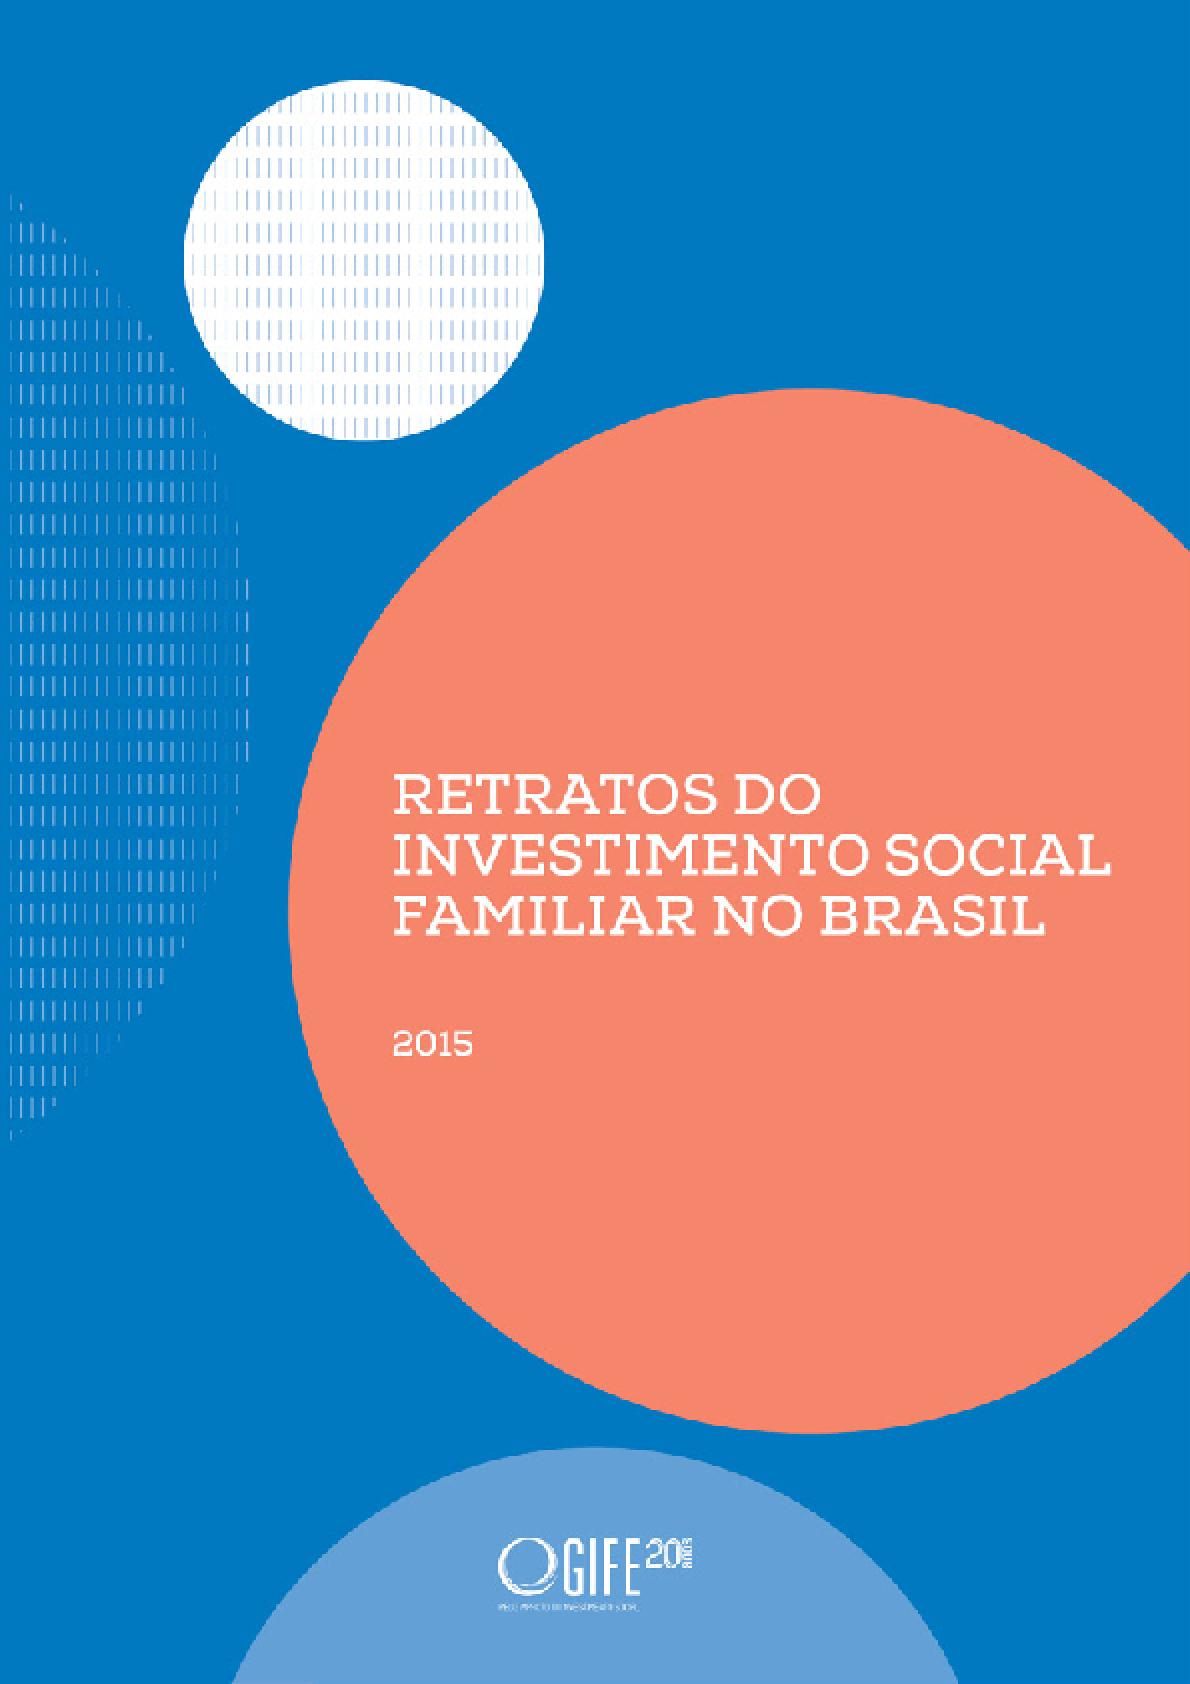 Retratos do investimento social familiar no Brasil